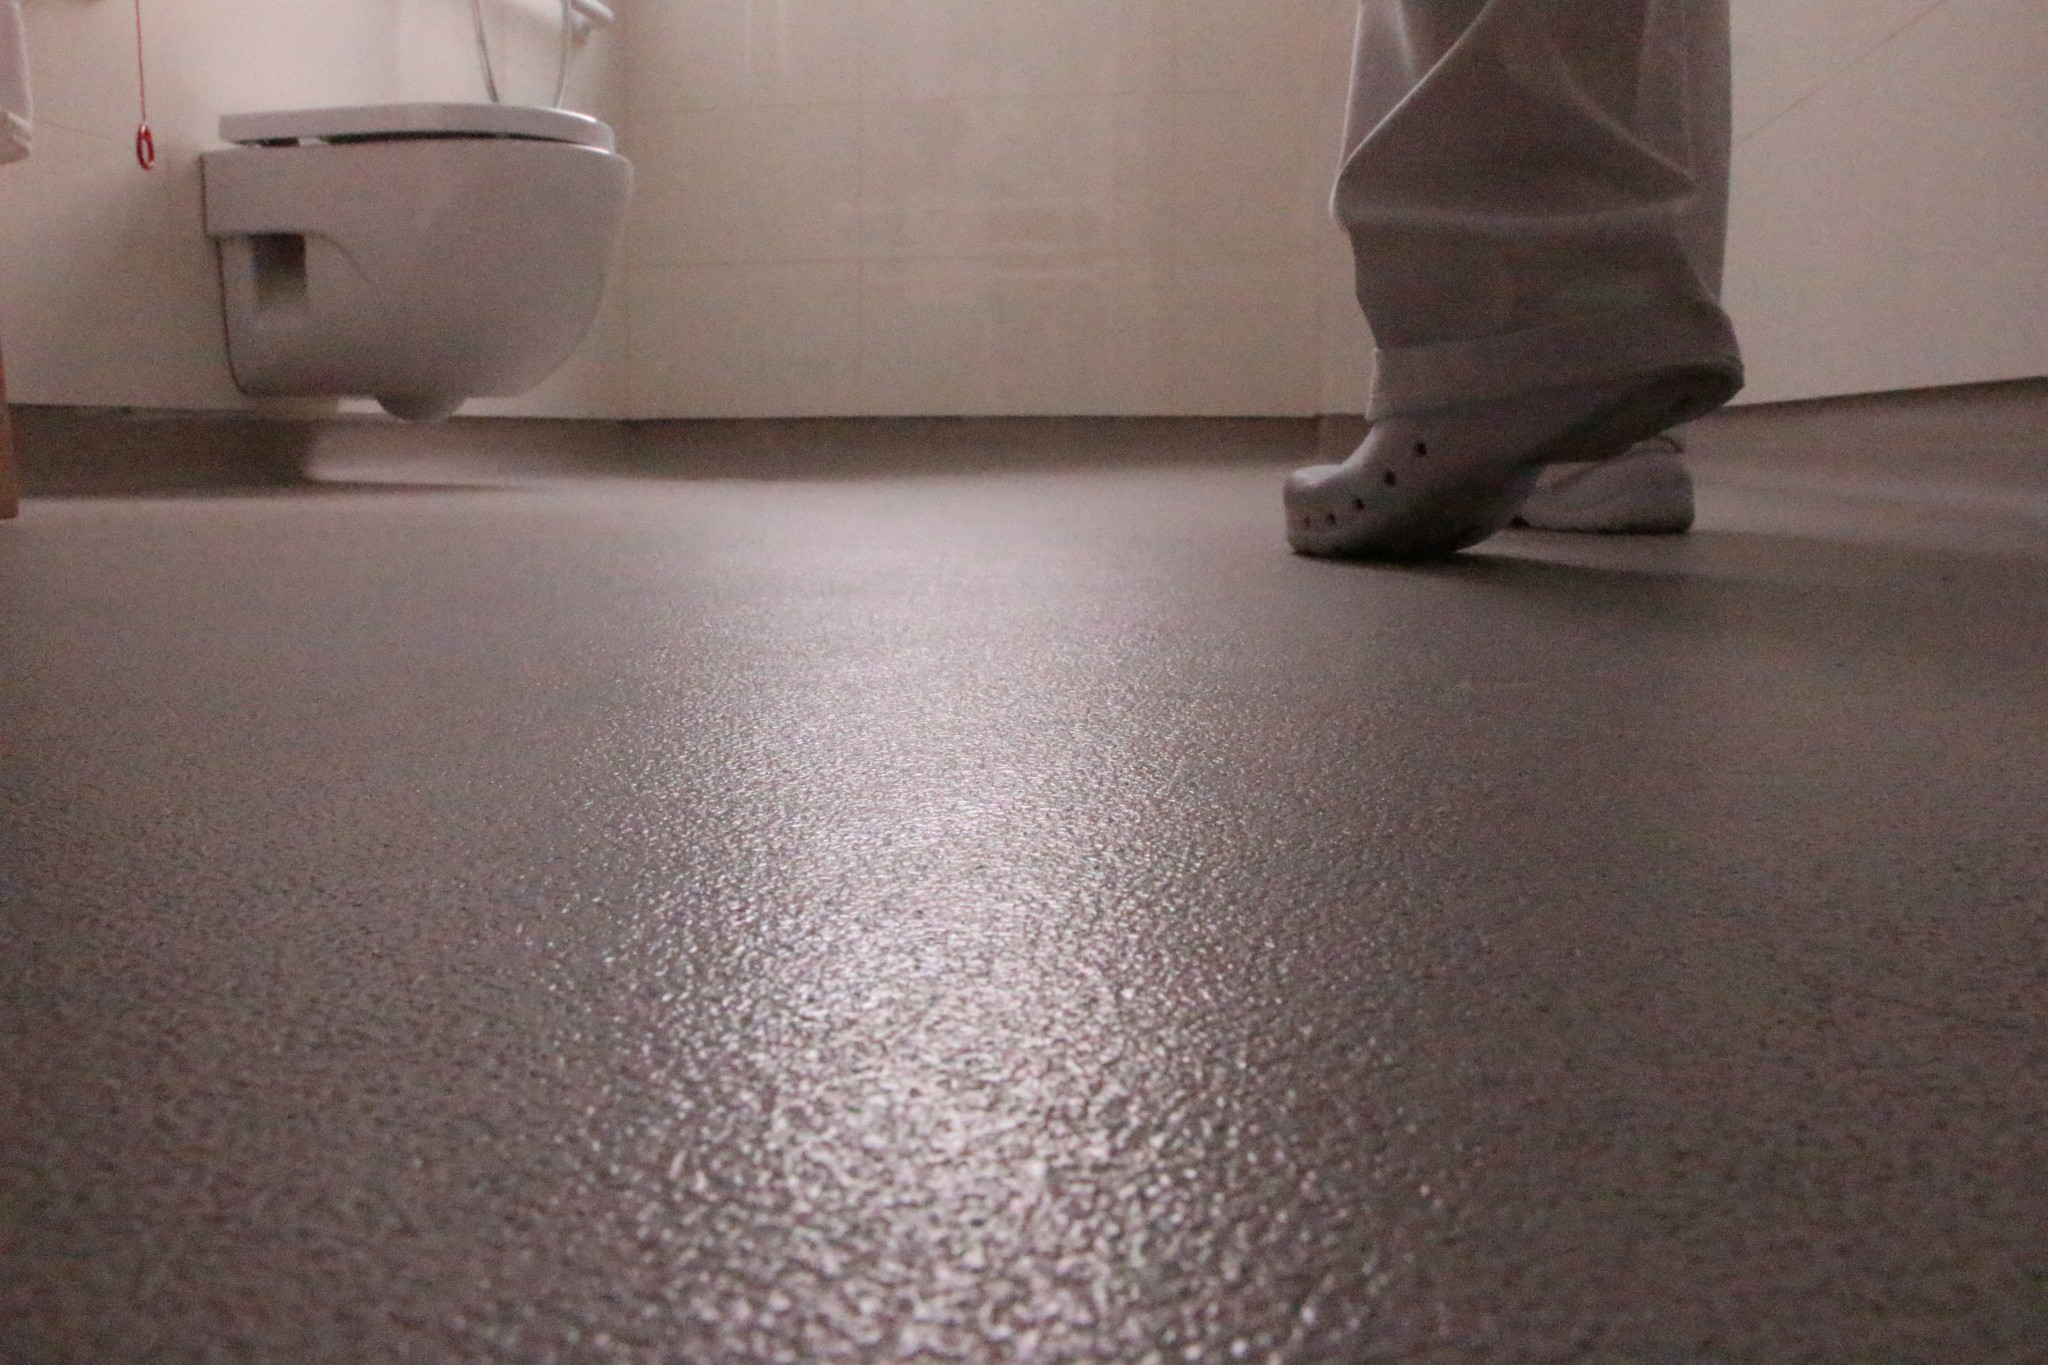 Pavimentos antideslizantes colober pavimentos ligeros - Suelo antideslizante exterior ...